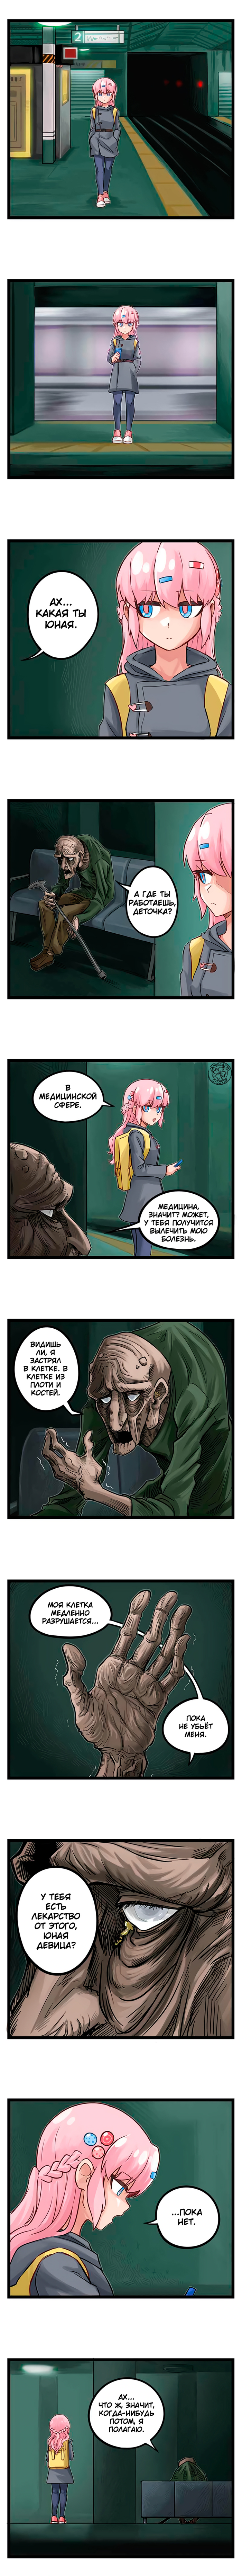 Клиника кошмаров Clinic of Horrors. Эпизод 40. Клетка плоти